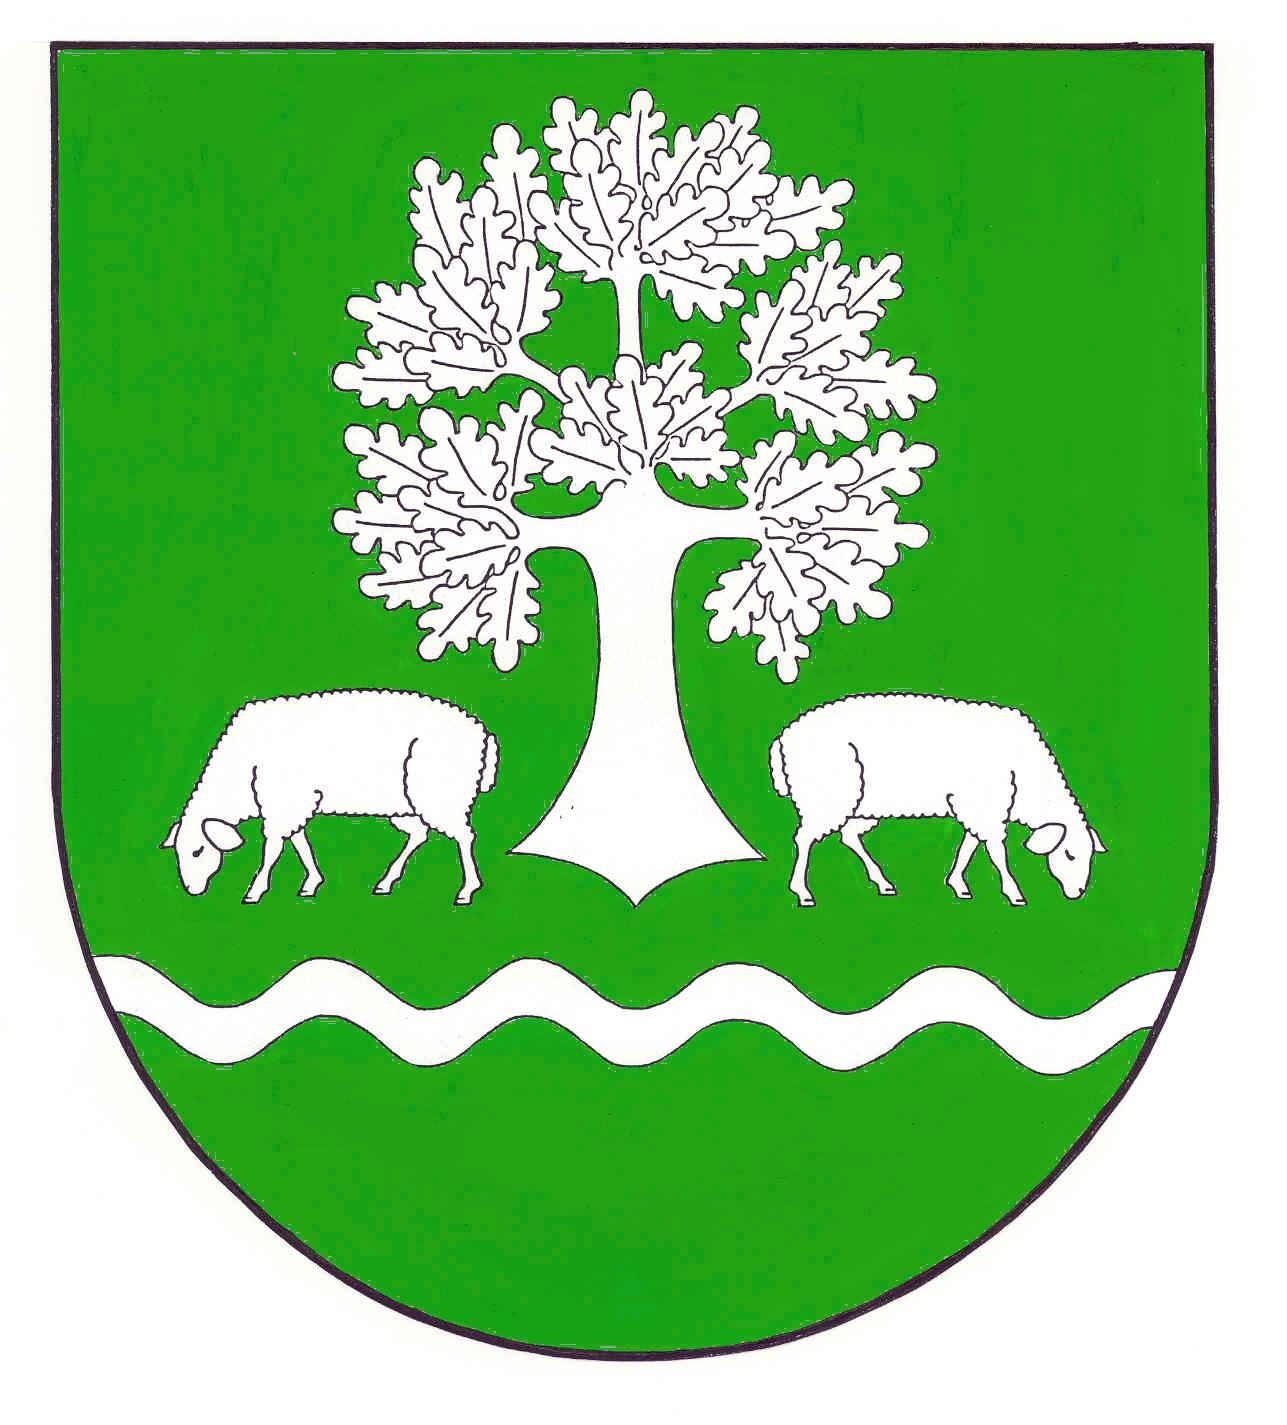 Wappen GemeindeSchafstedt, Kreis Dithmarschen